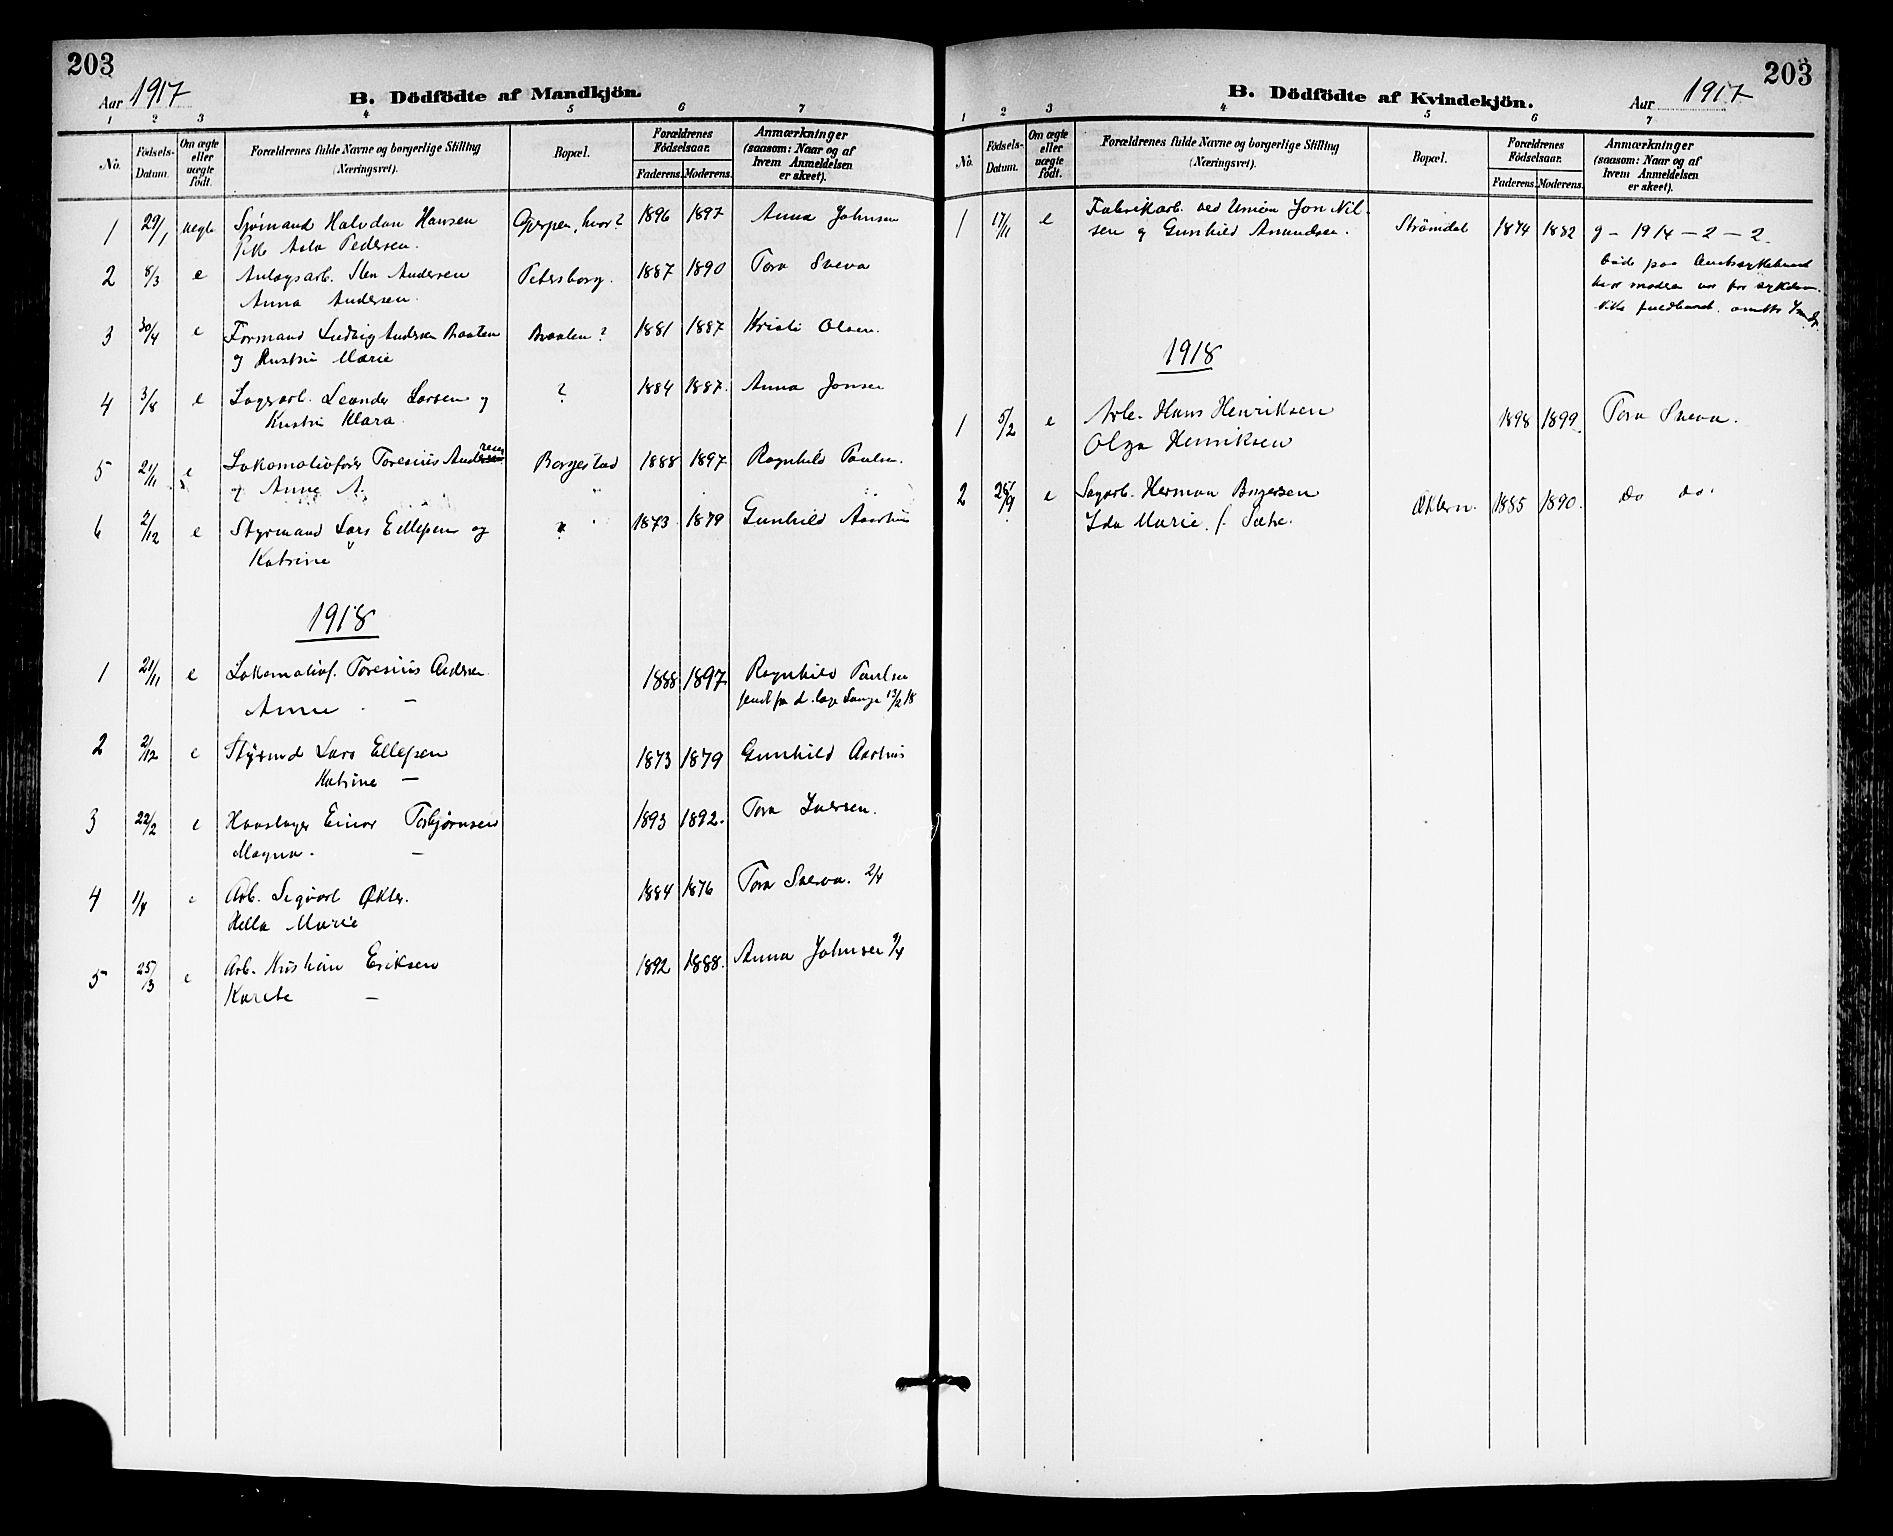 SAKO, Gjerpen kirkebøker, G/Ga/L0003: Klokkerbok nr. I 3, 1901-1919, s. 203